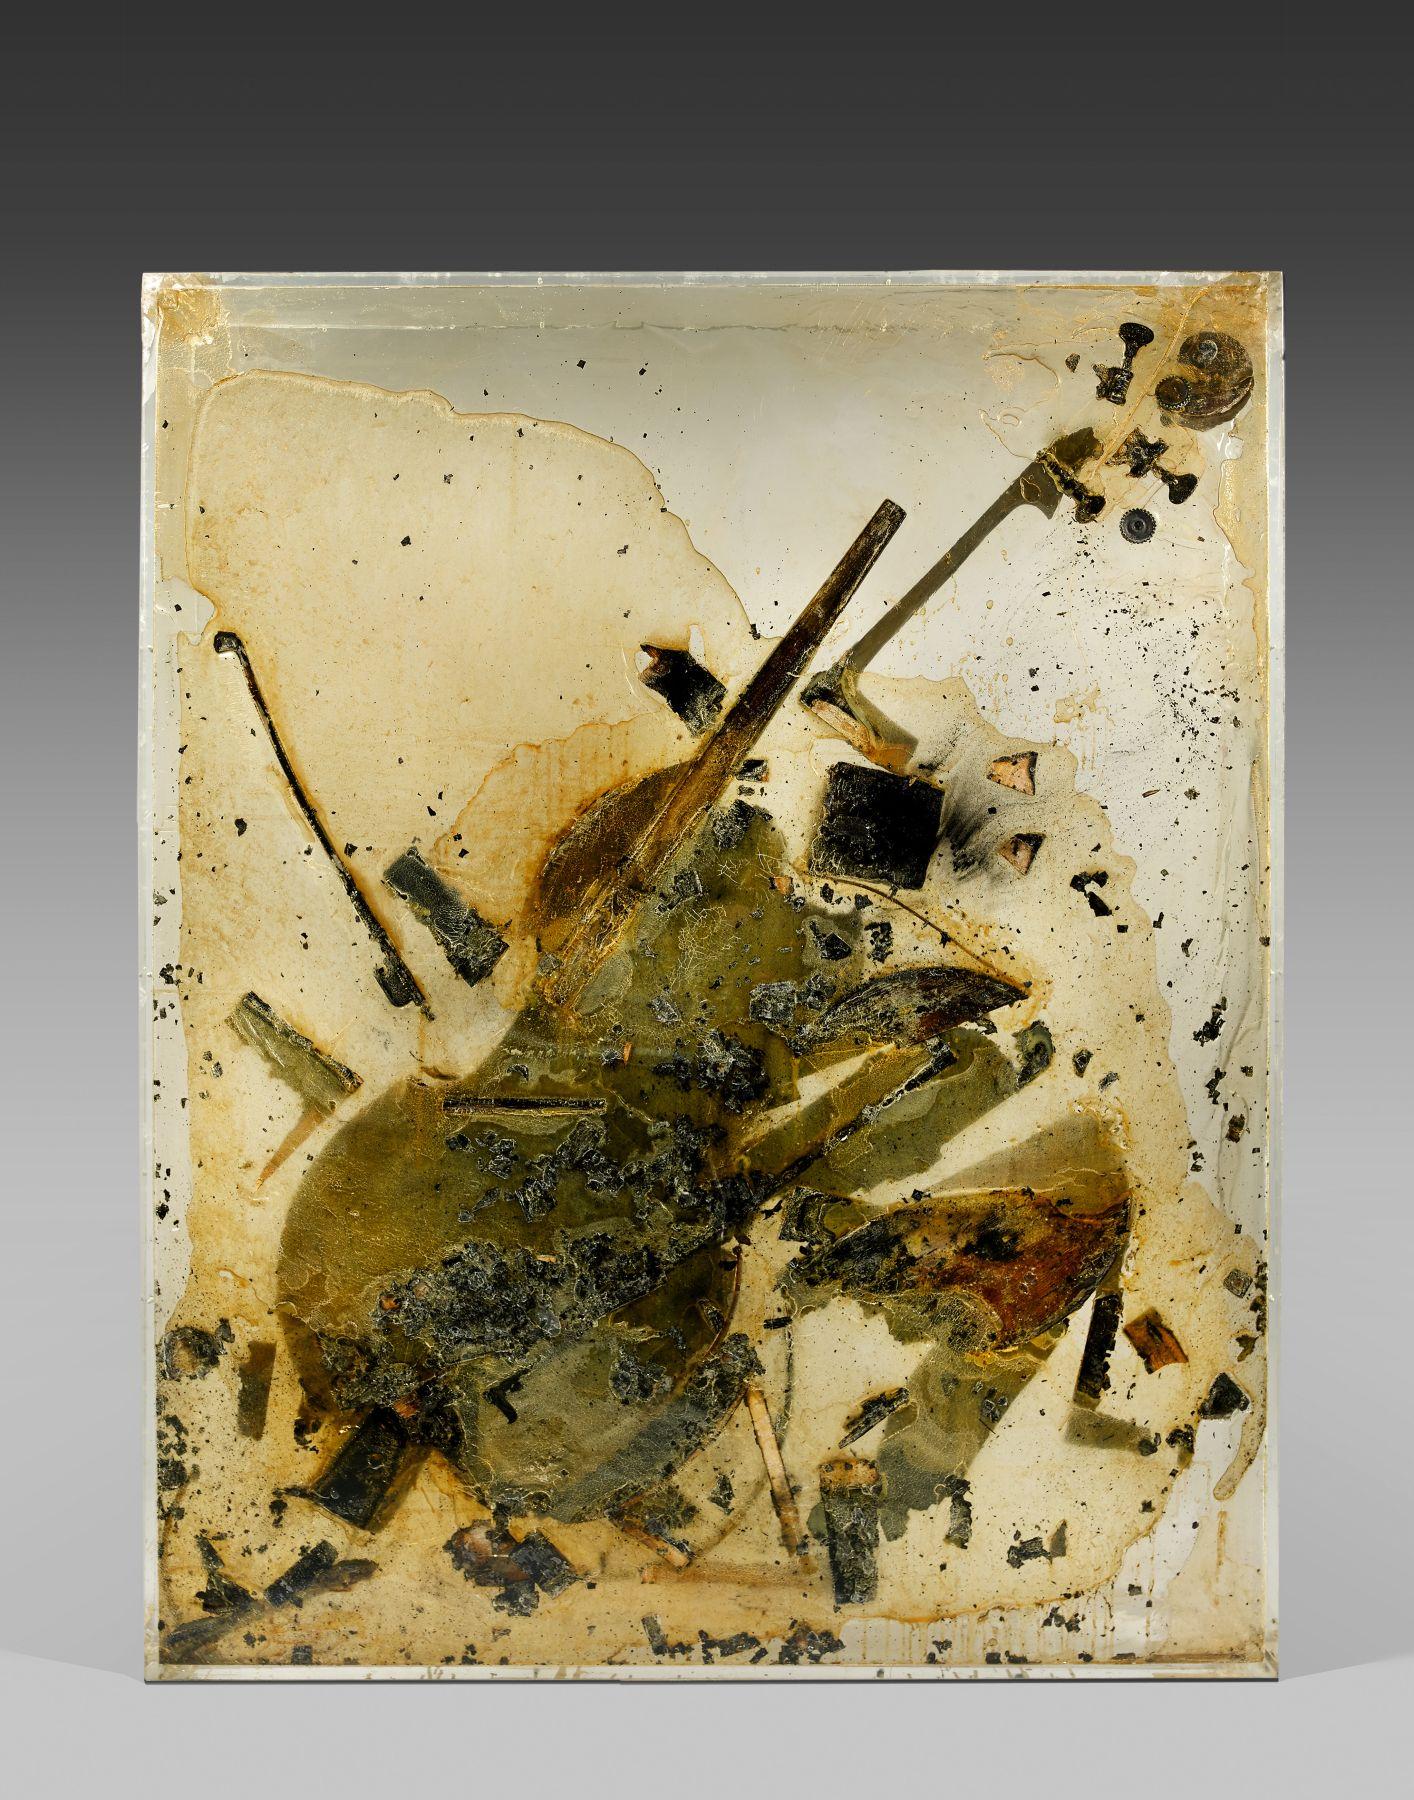 Arman, Sans titre (Colère de contrebasse), 1971, combustion de contrebasse brisée dans résine polyester et plexiglas, 200 x 160 x 22 cm, adjugé frais inclus 174 200 € / 187 557 $ (estimation : 150 000 – 250 000 €).